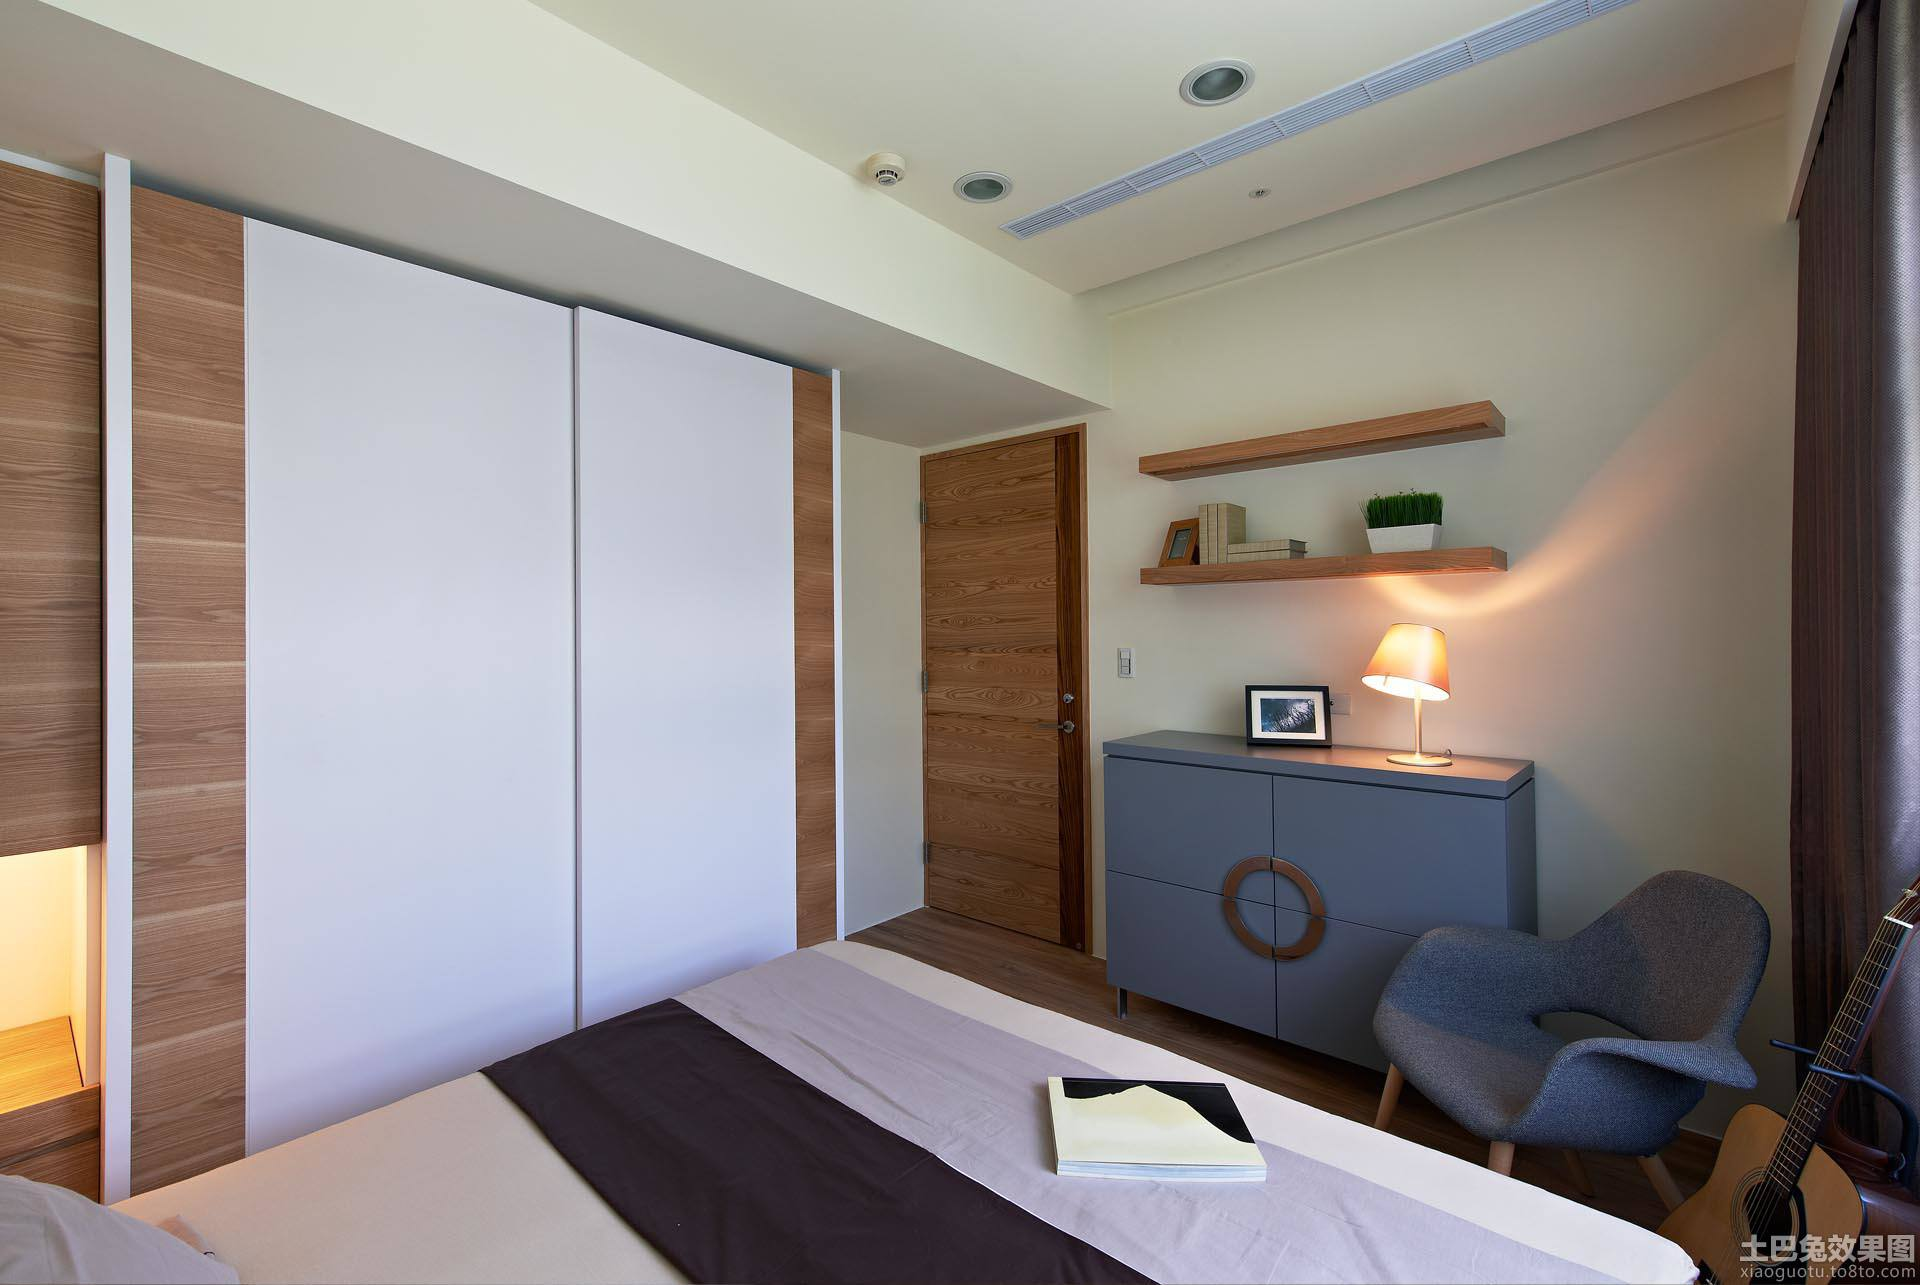 简约风格卧室壁柜门效果图装修效果图